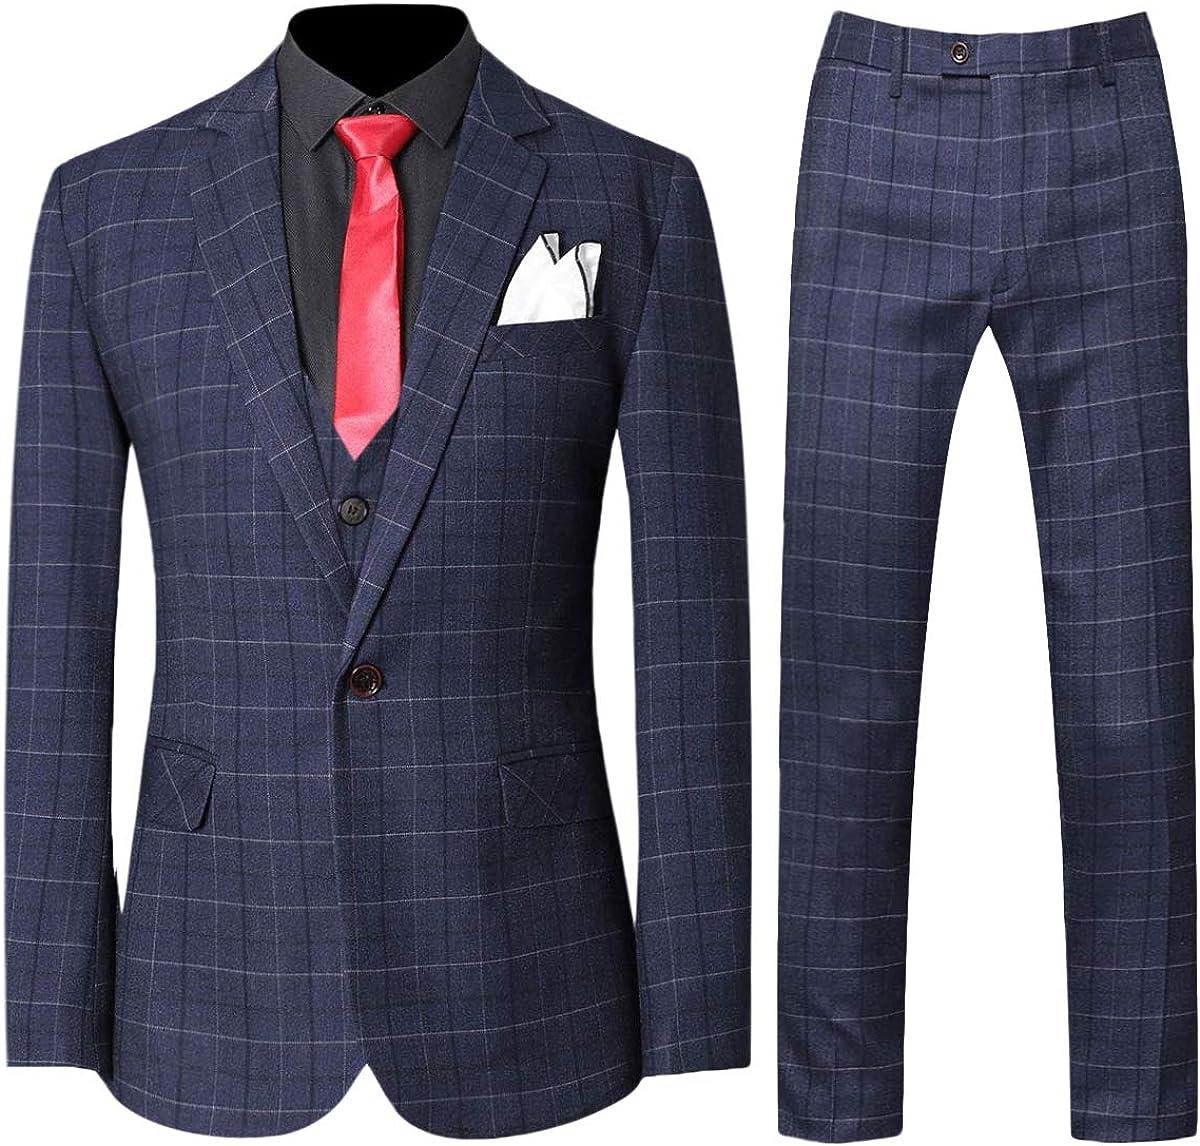 Mens 3-Piece Plaid Suit Set Modern Vest Pa Fit Limited Arlington Mall time trial price Jacket Tux Blazer